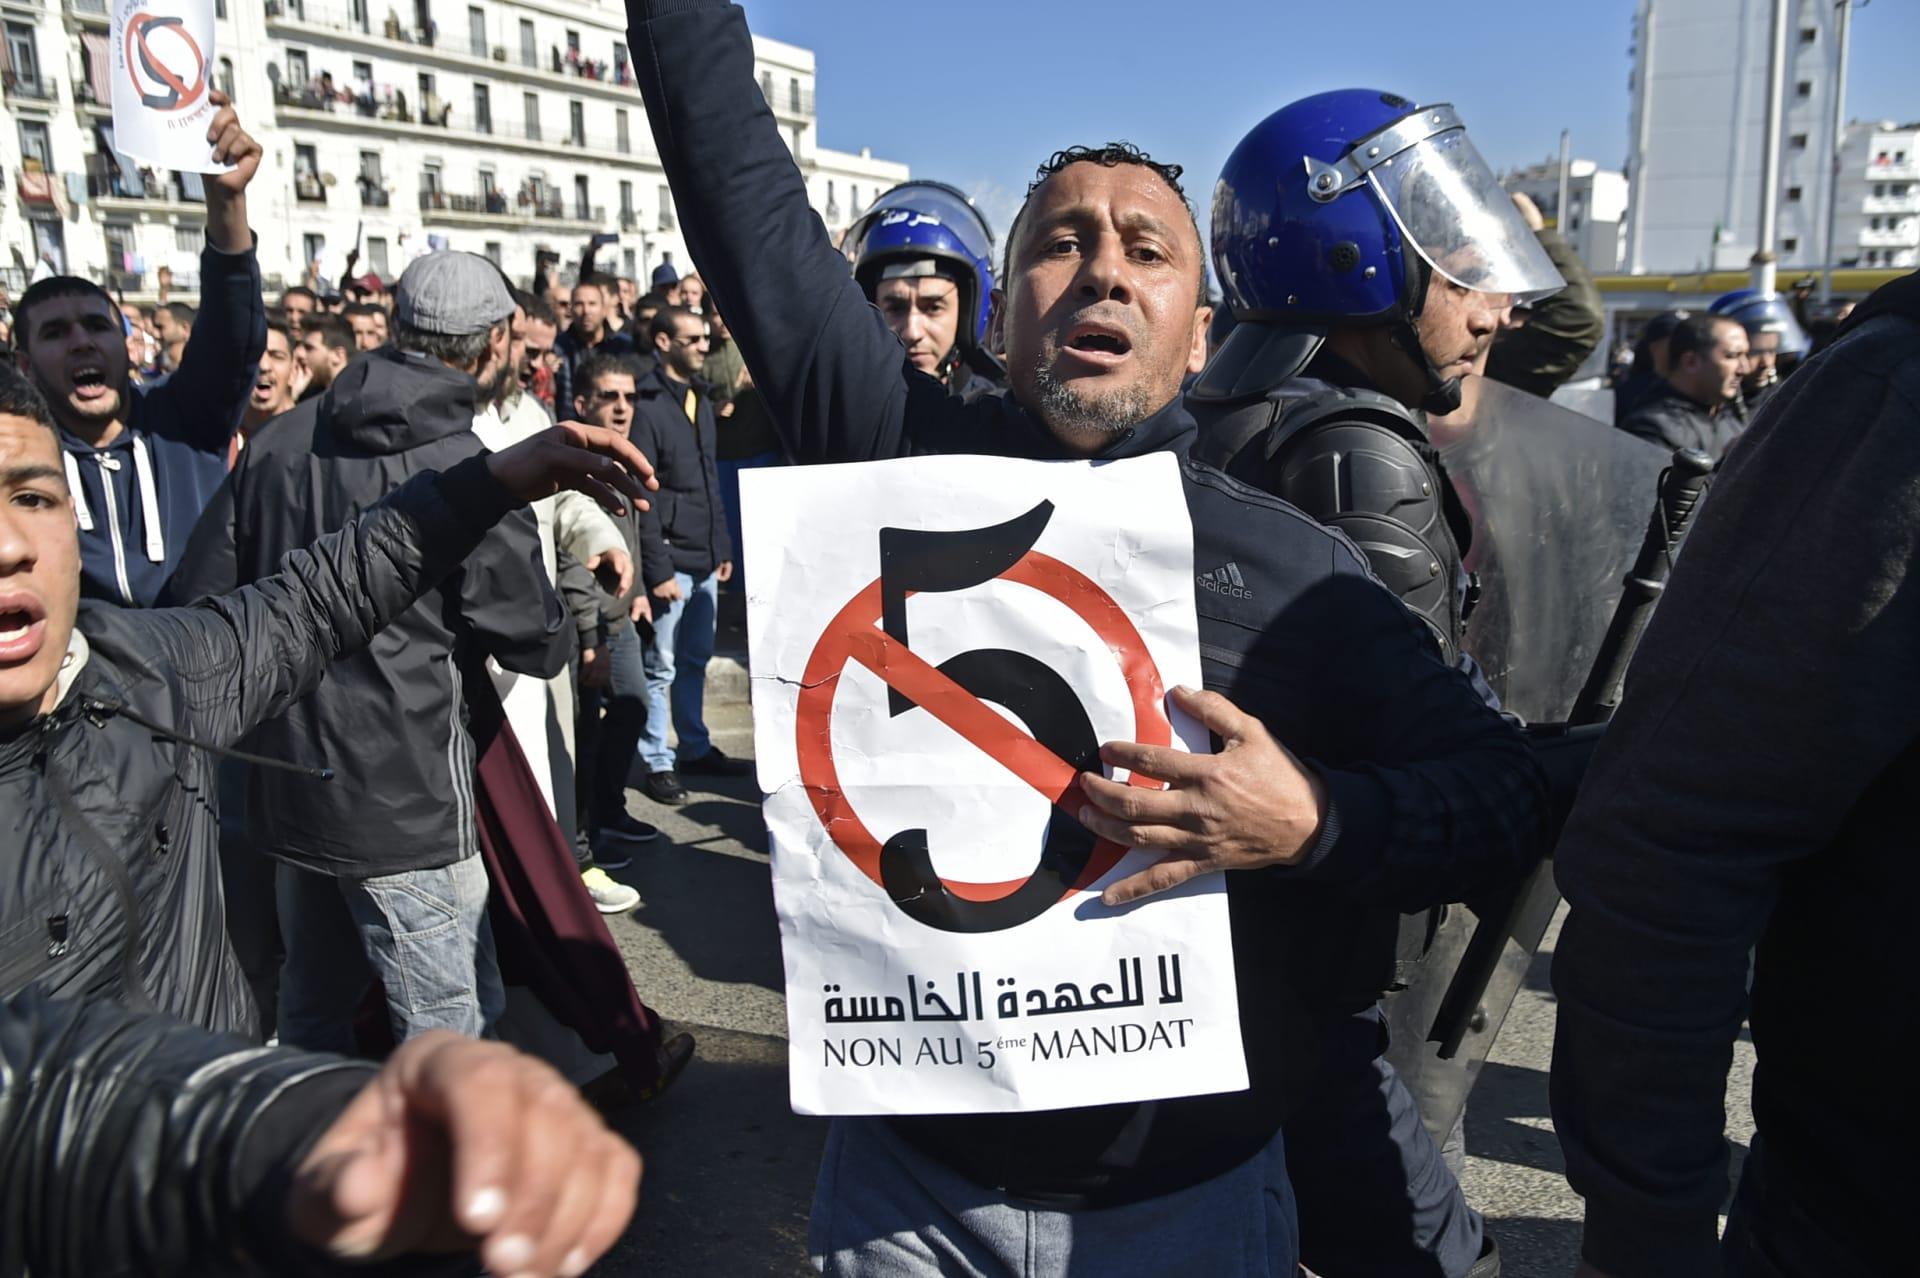 رغم الحظر.. احتجاجات في الجزائر ضد ترشح بوتفليقة لولاية خامسة